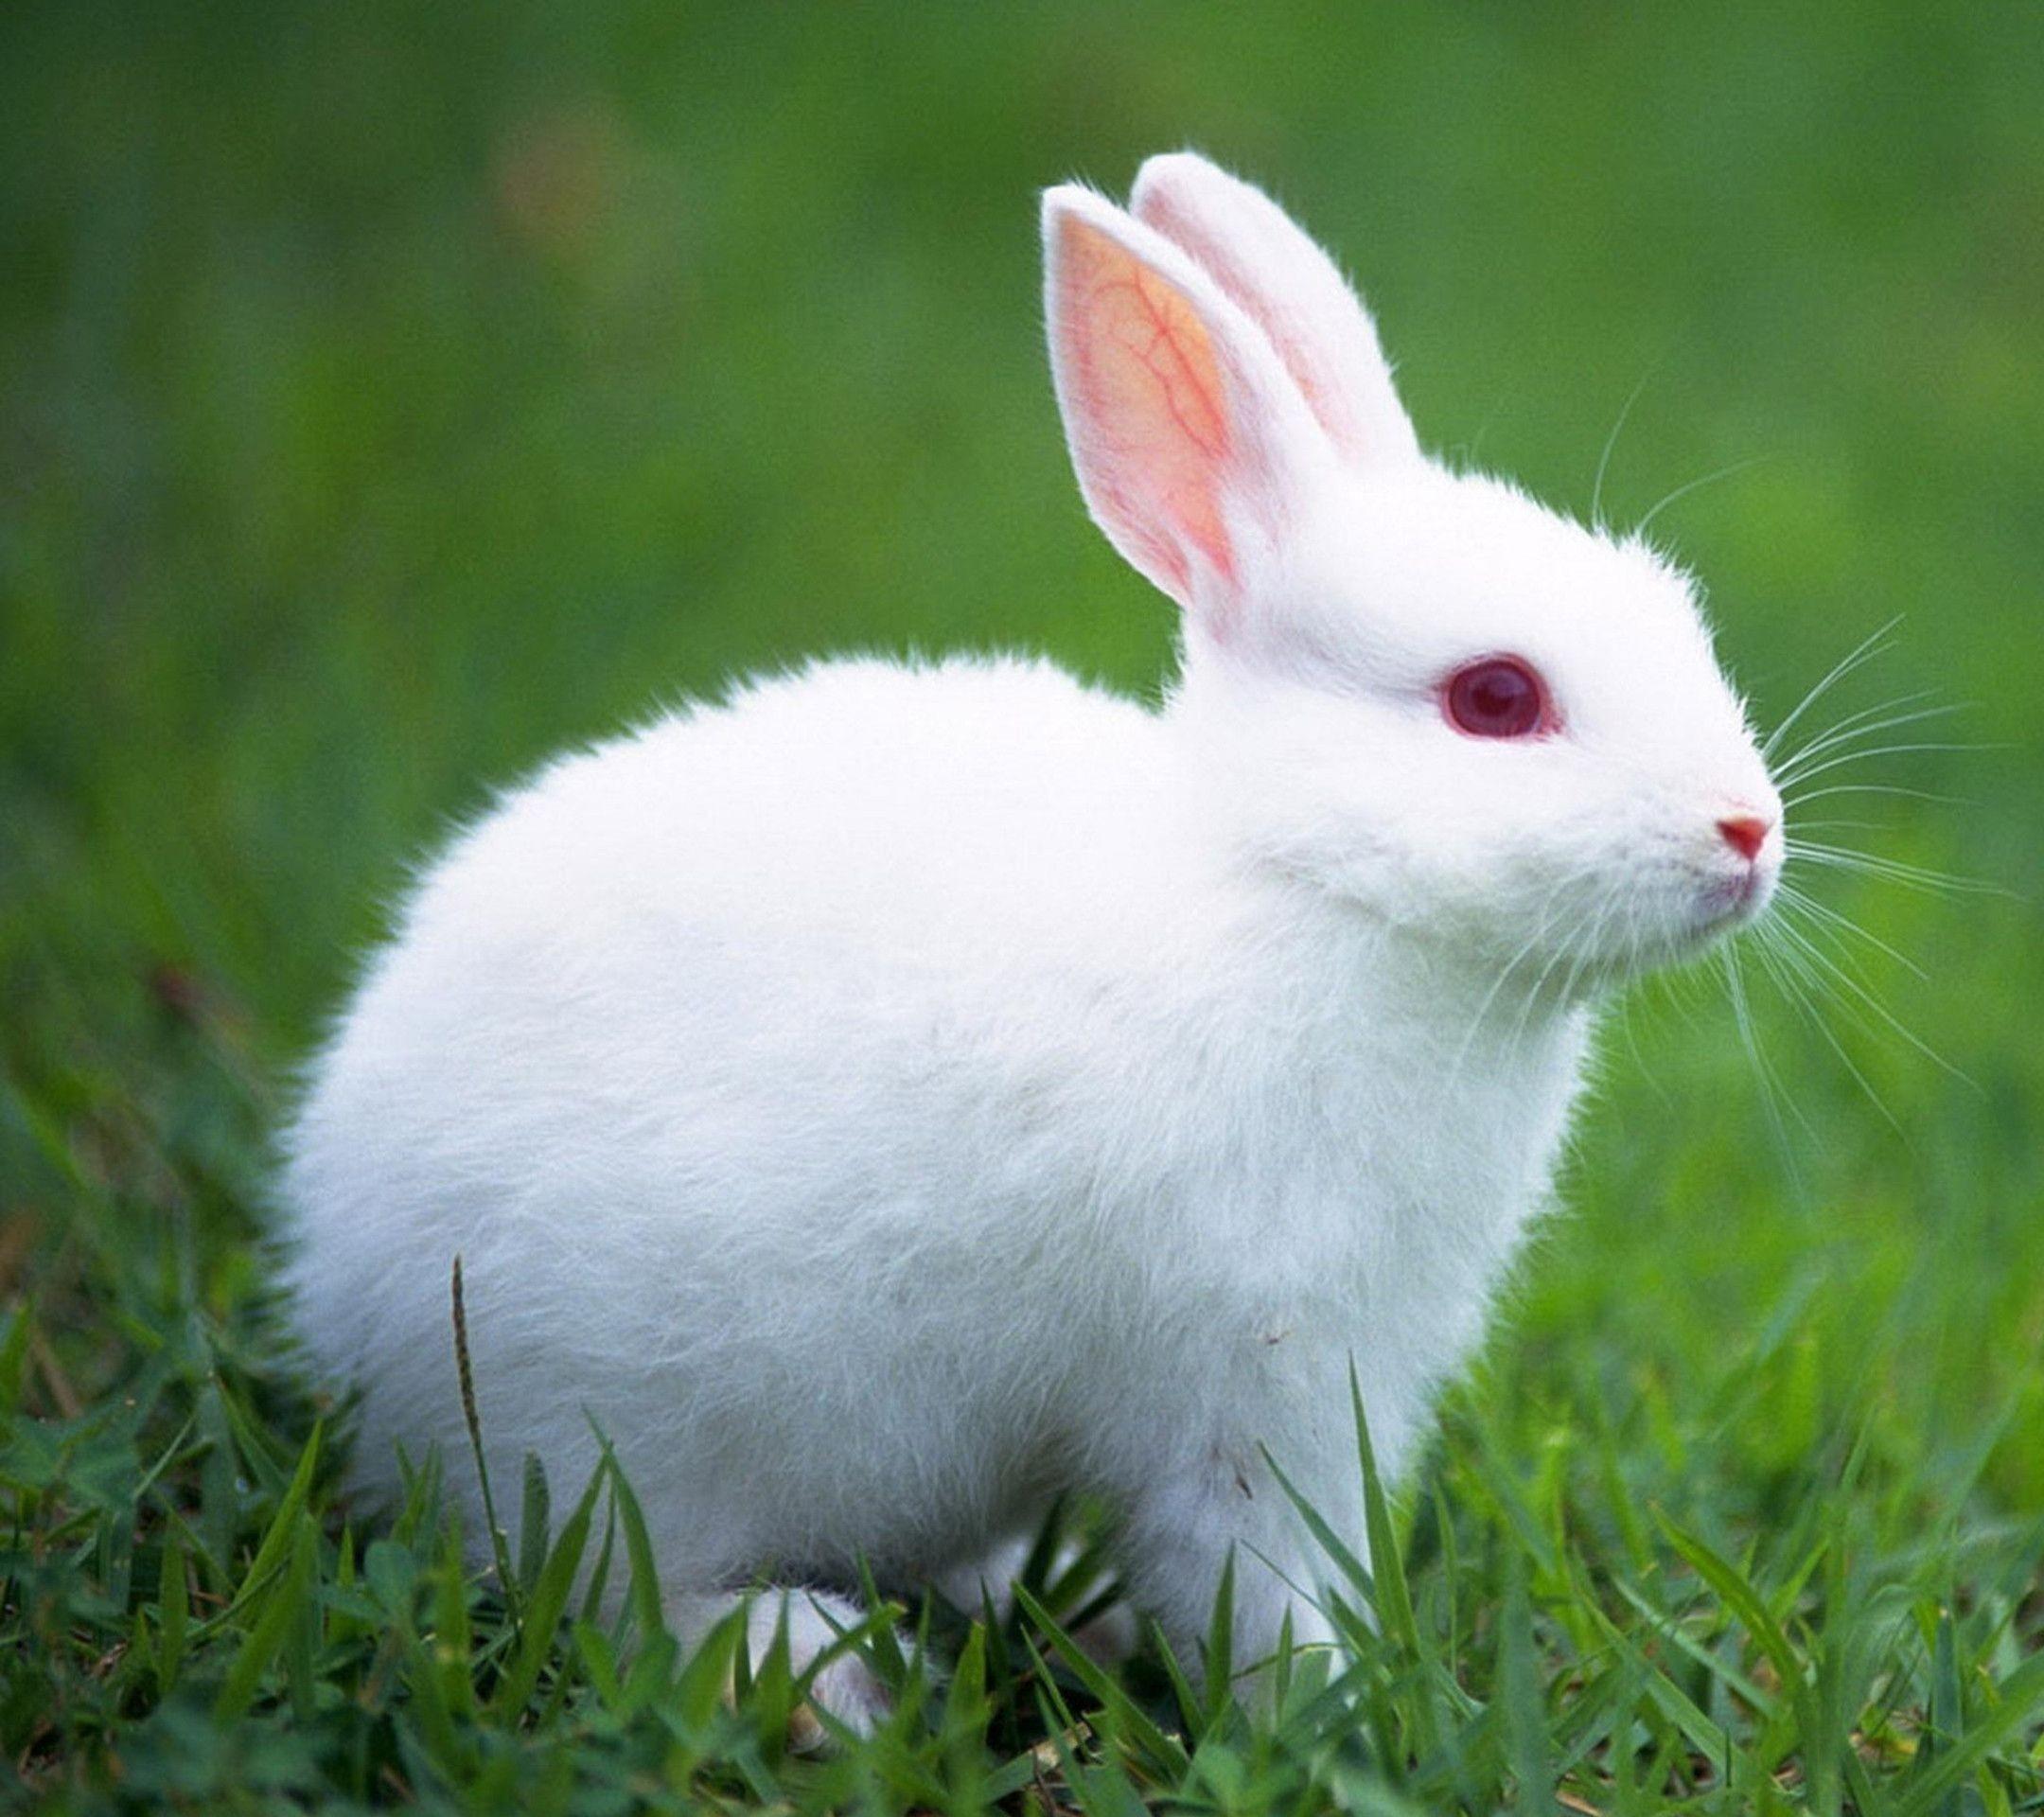 Cute White Baby Rabbit Wallpaper 19291 Baltana